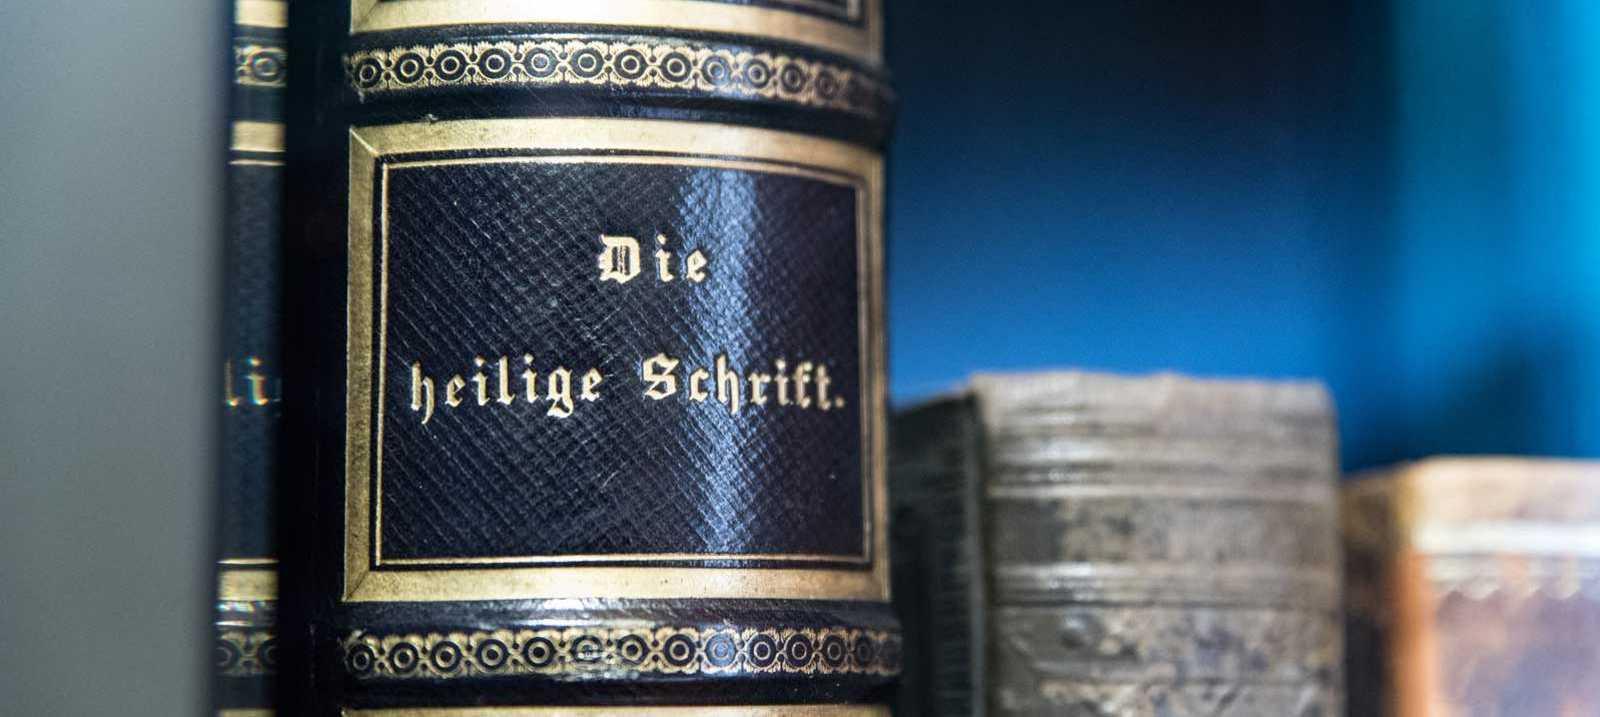 Ethik im kirchlichen Fundraising | fundraising-evangelisch.de